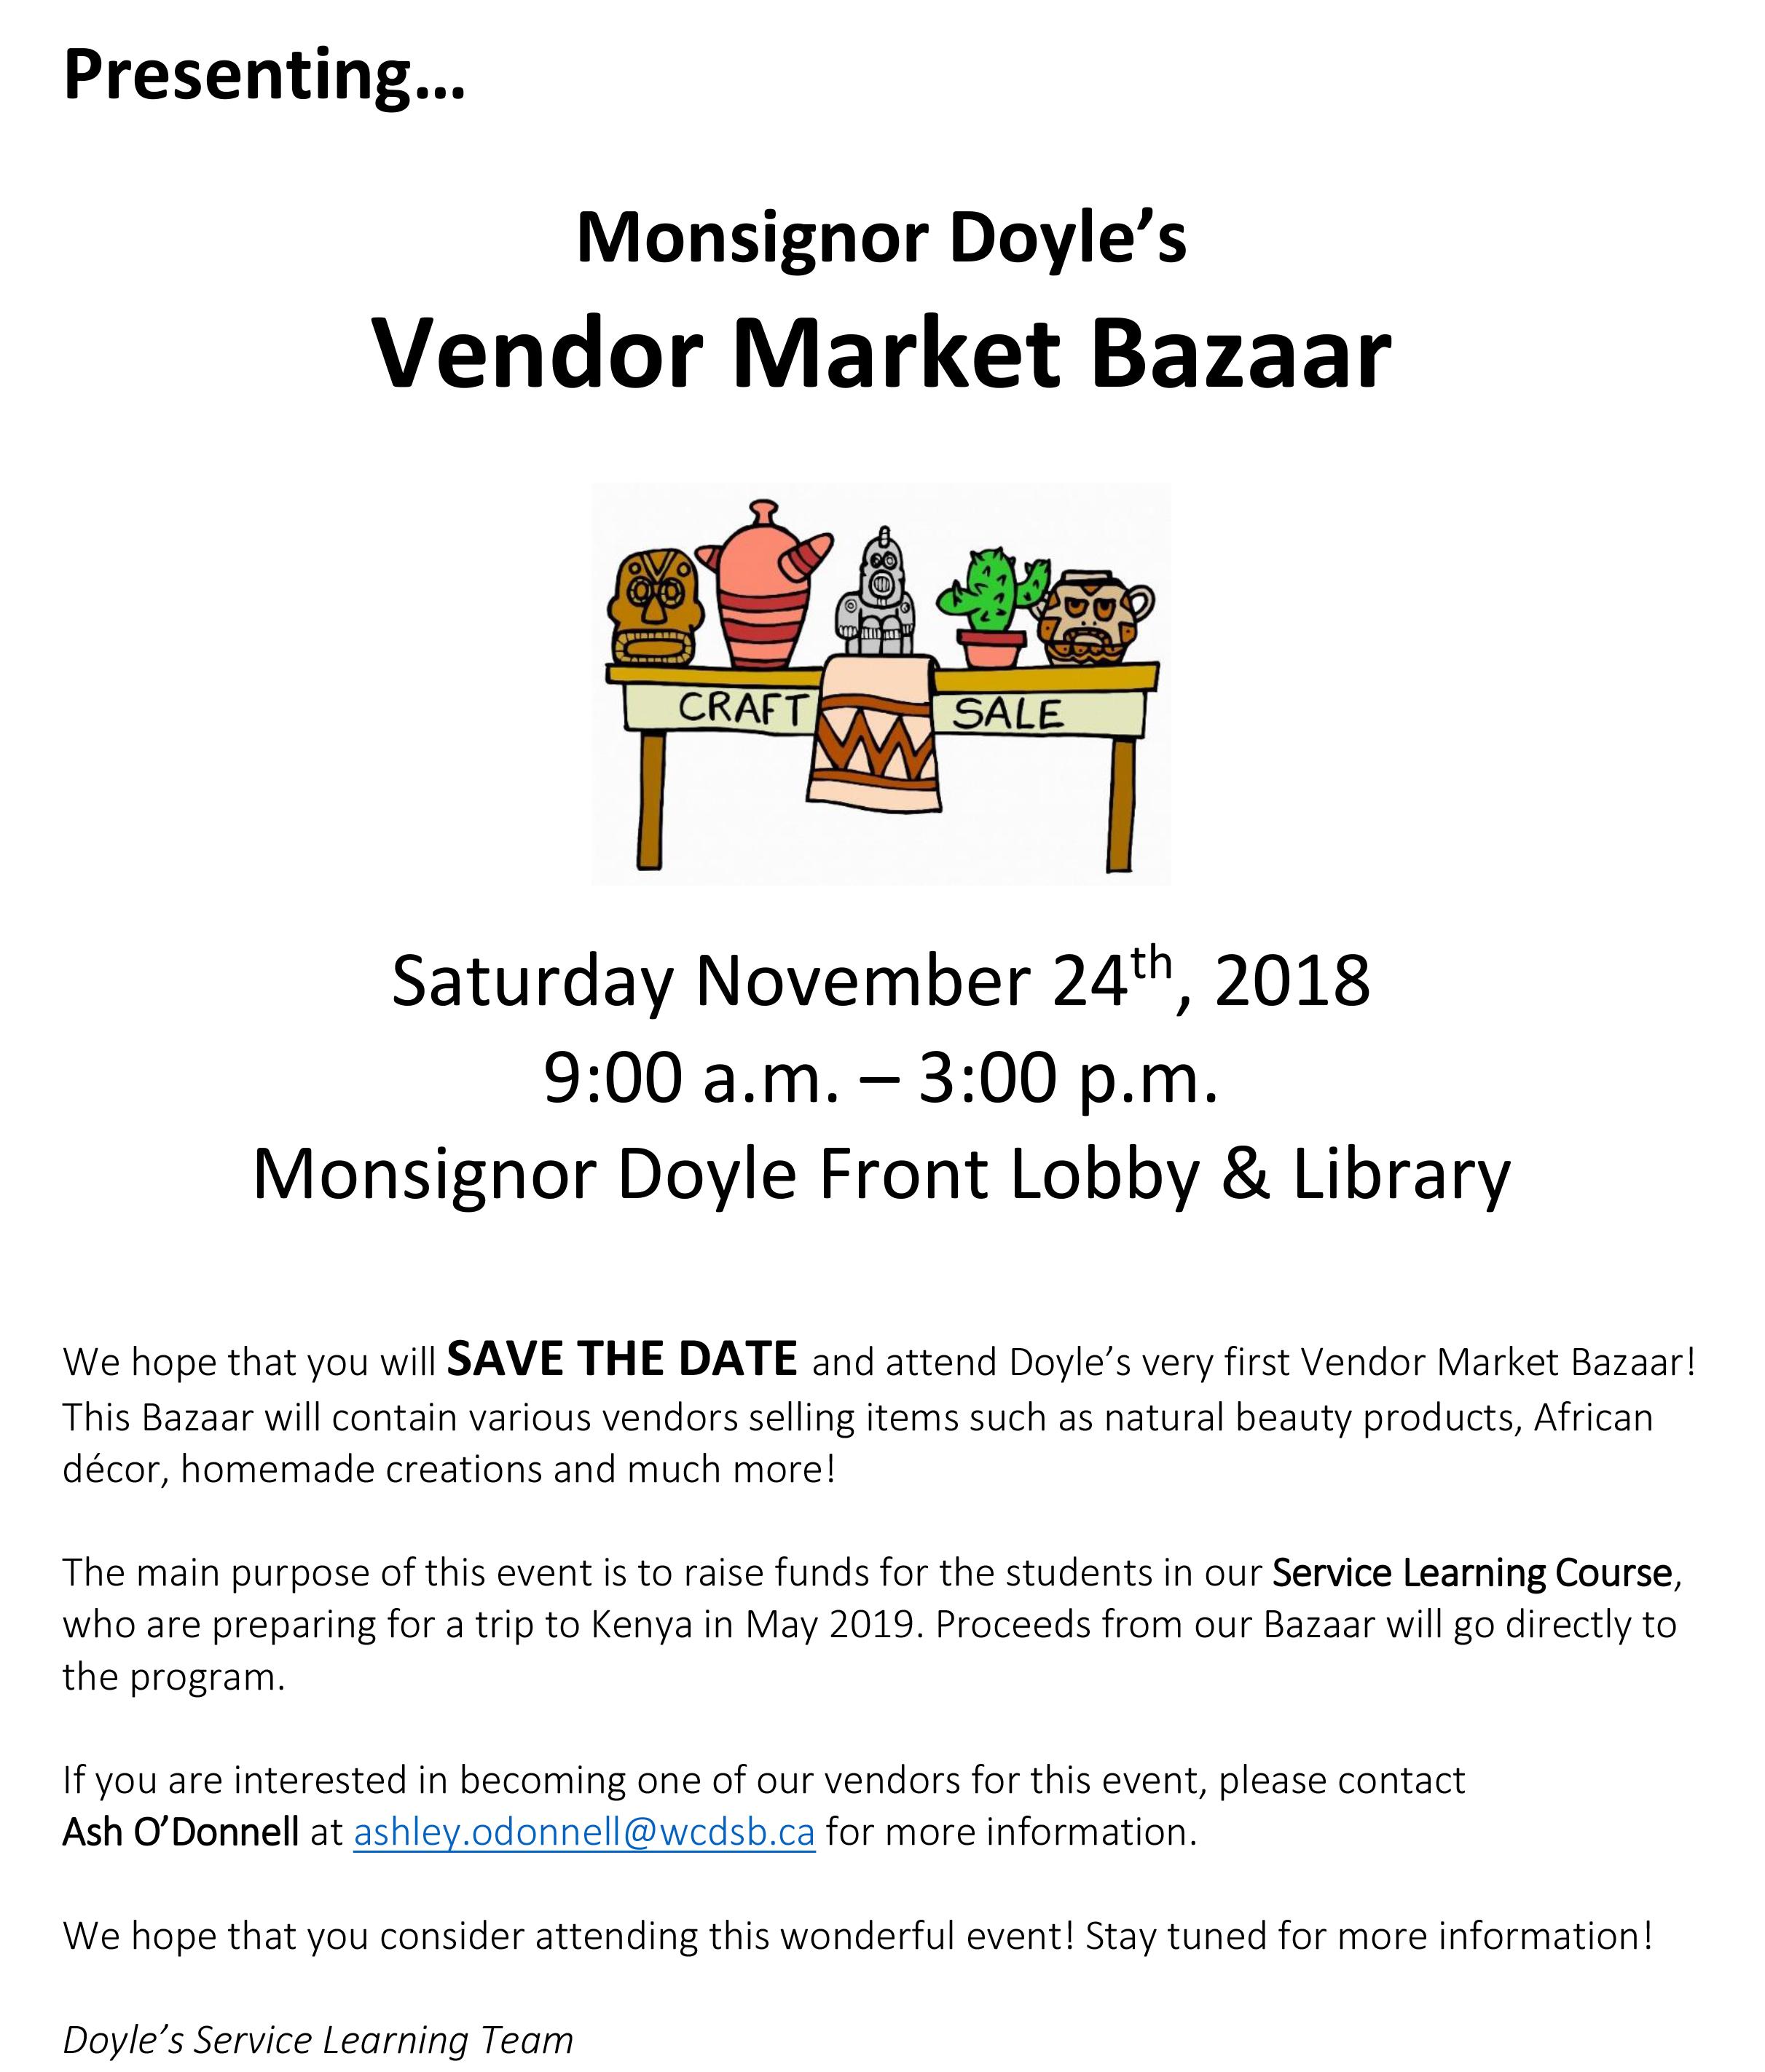 Vendor Market Bazaar